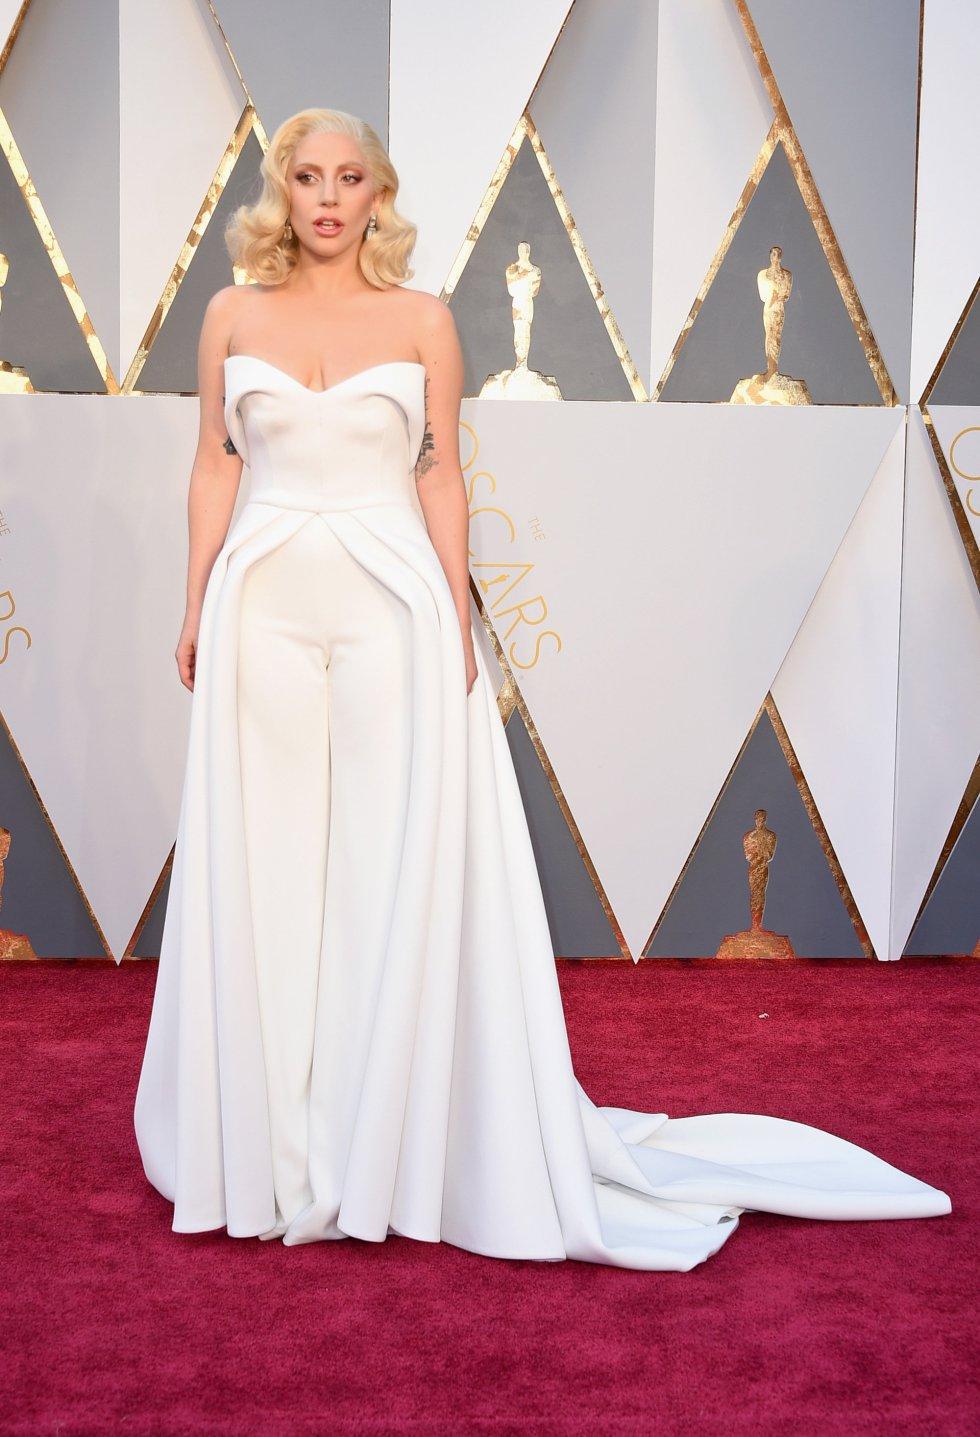 La actriz y cantante Lady Gaga